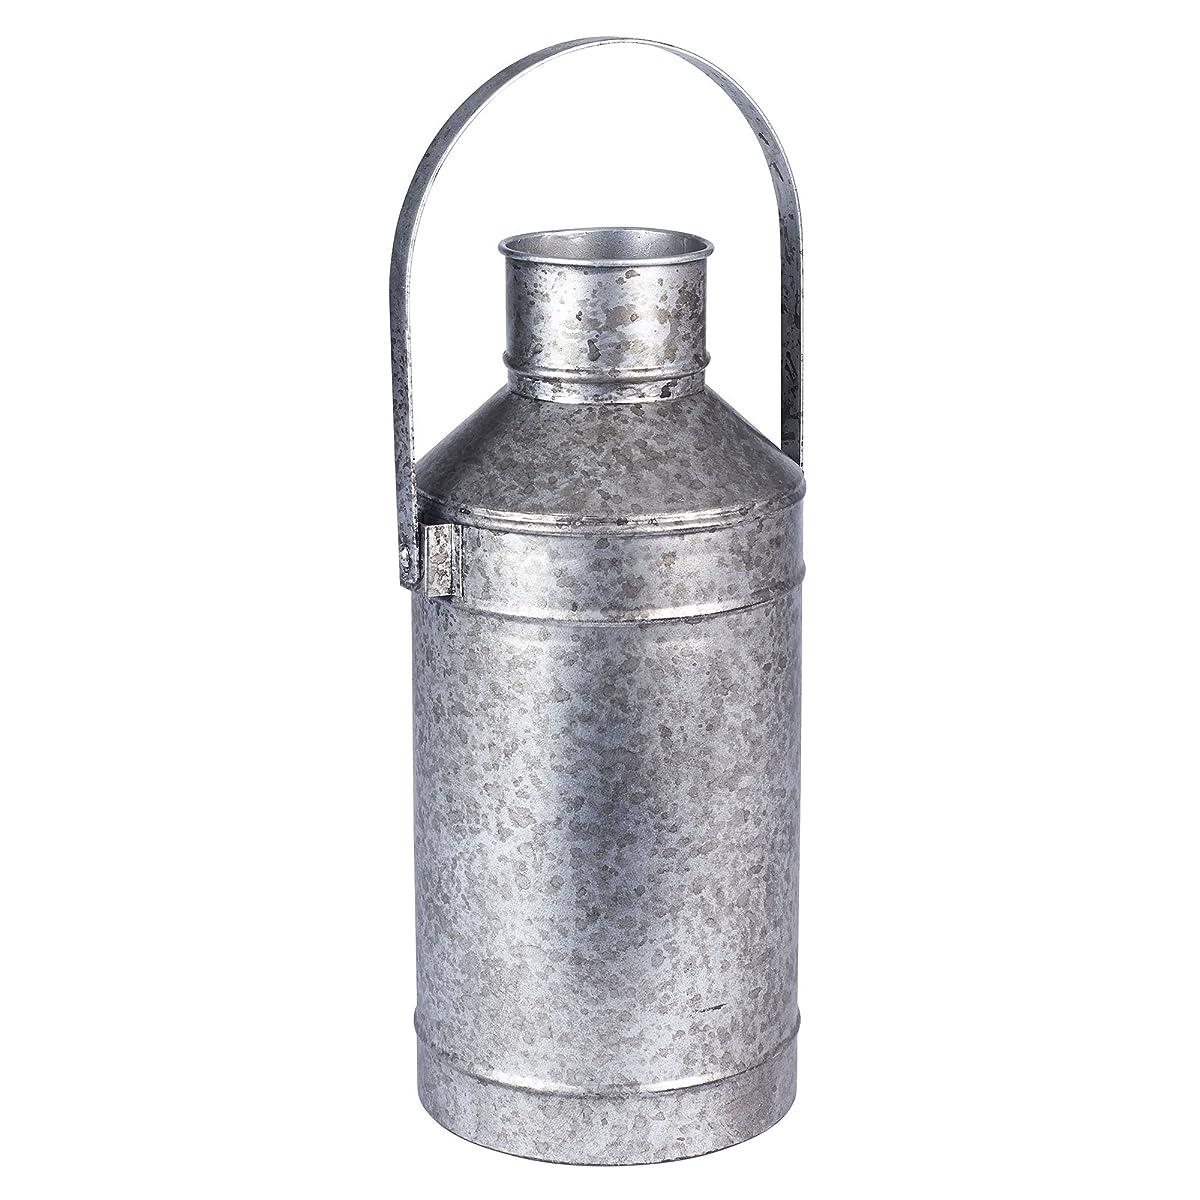 Vintage Style Milk Pail Vase - Grey Metal